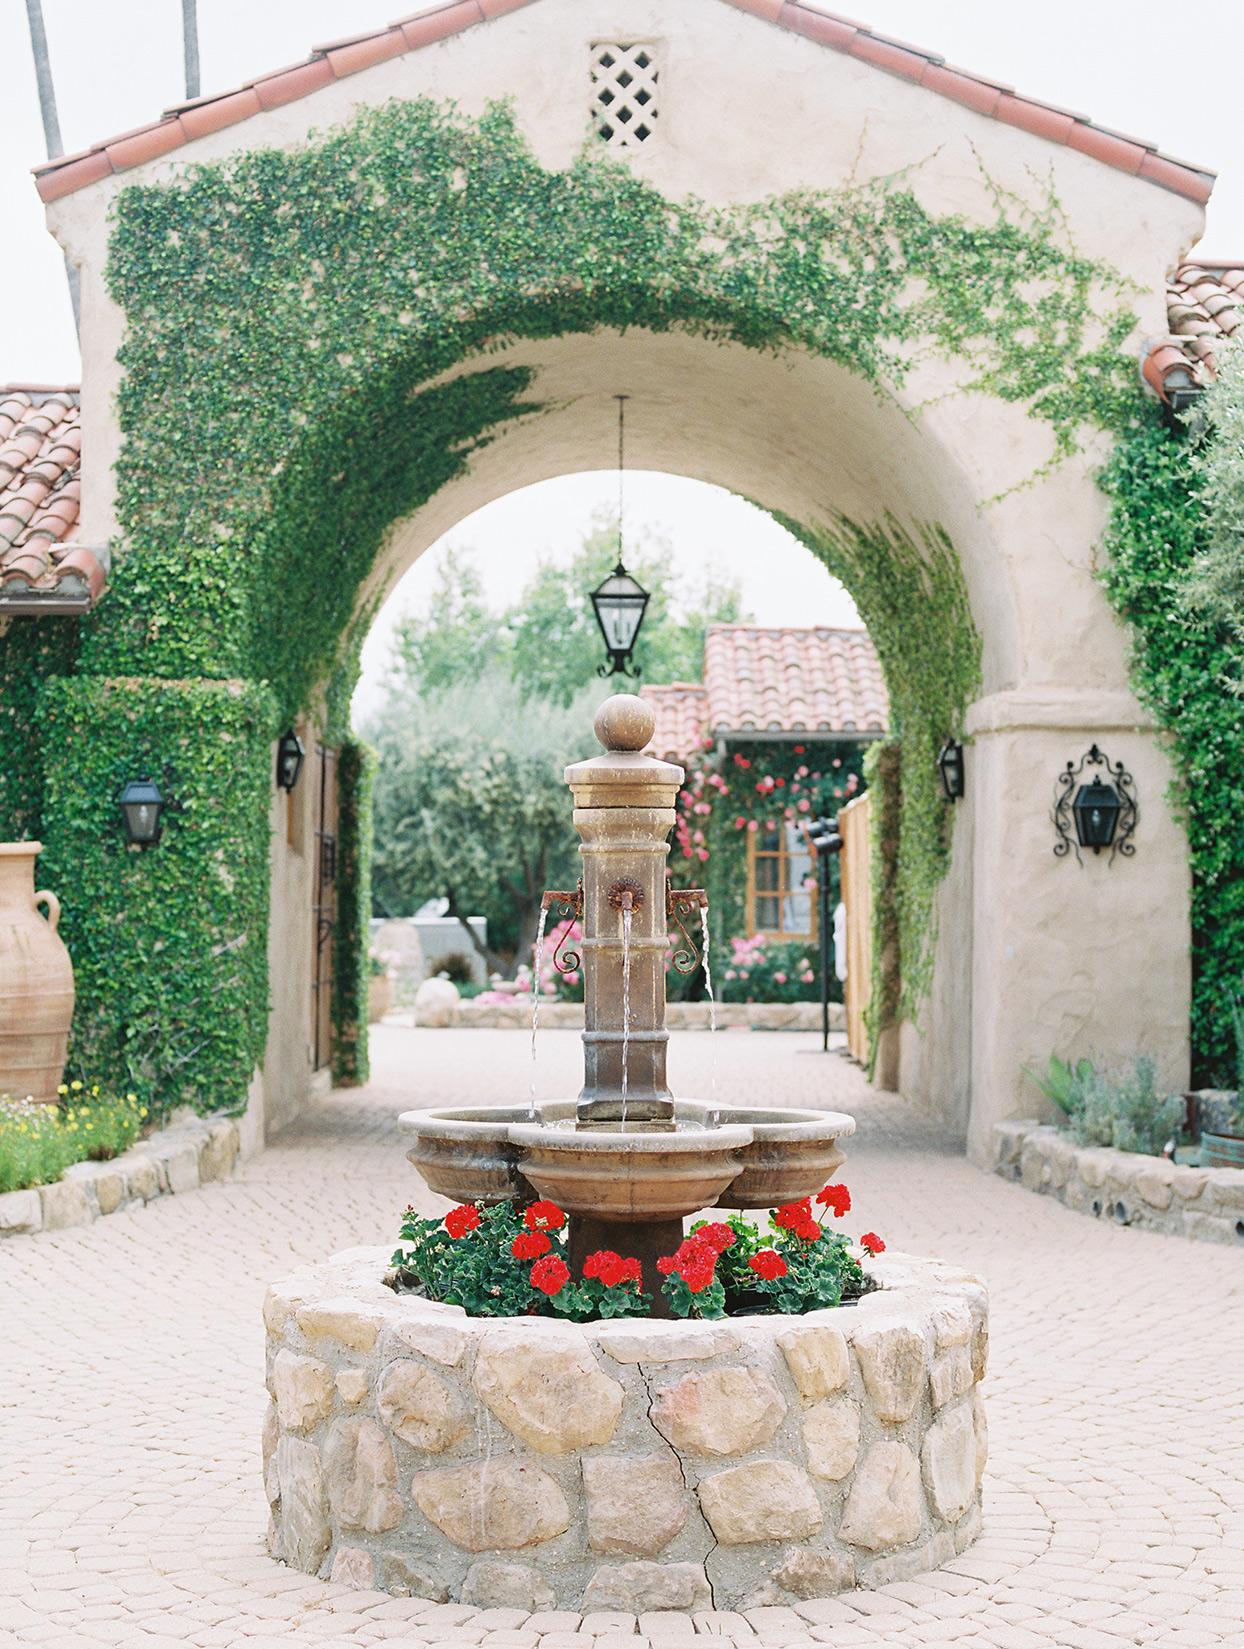 raina salih wedding courtyard fountain